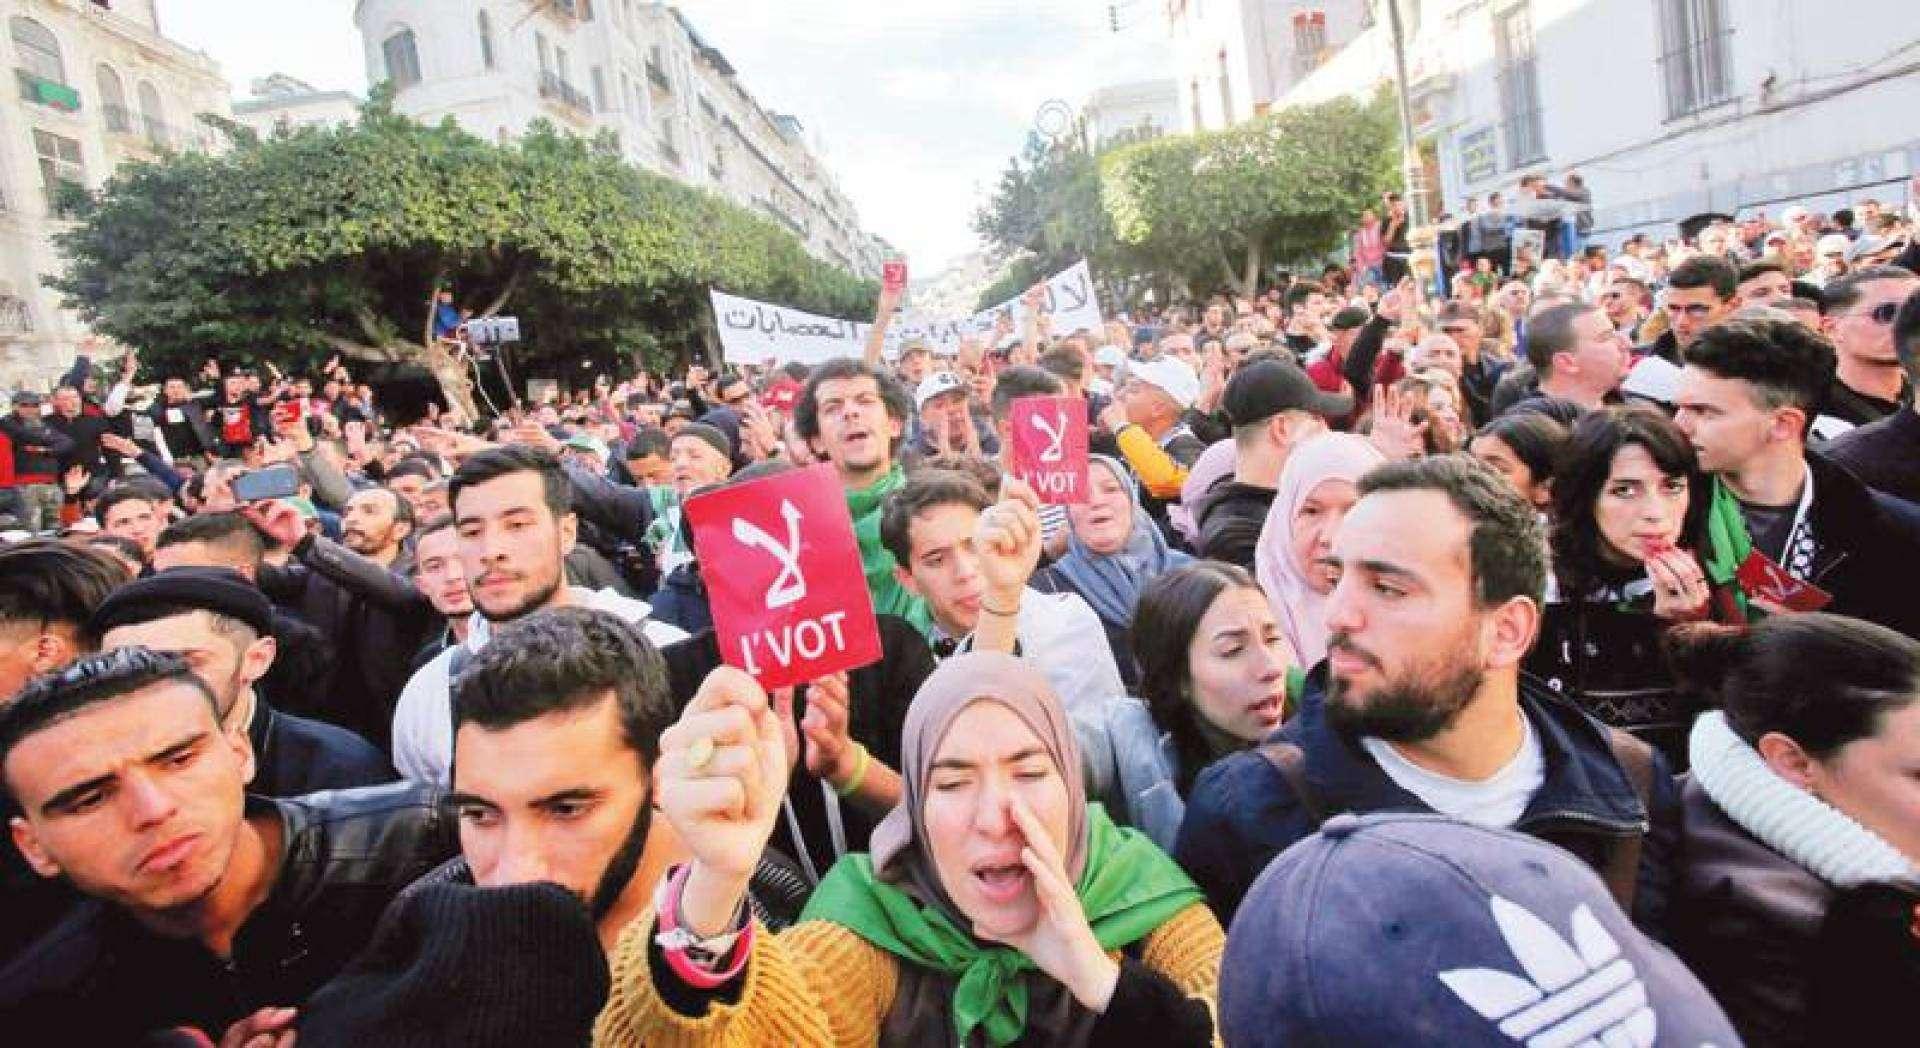 الجزائر: الانتخابات ليست عملية صورية ولا ينبغي للسلطات الحاكمة فرض إرادتها على الجزائريين